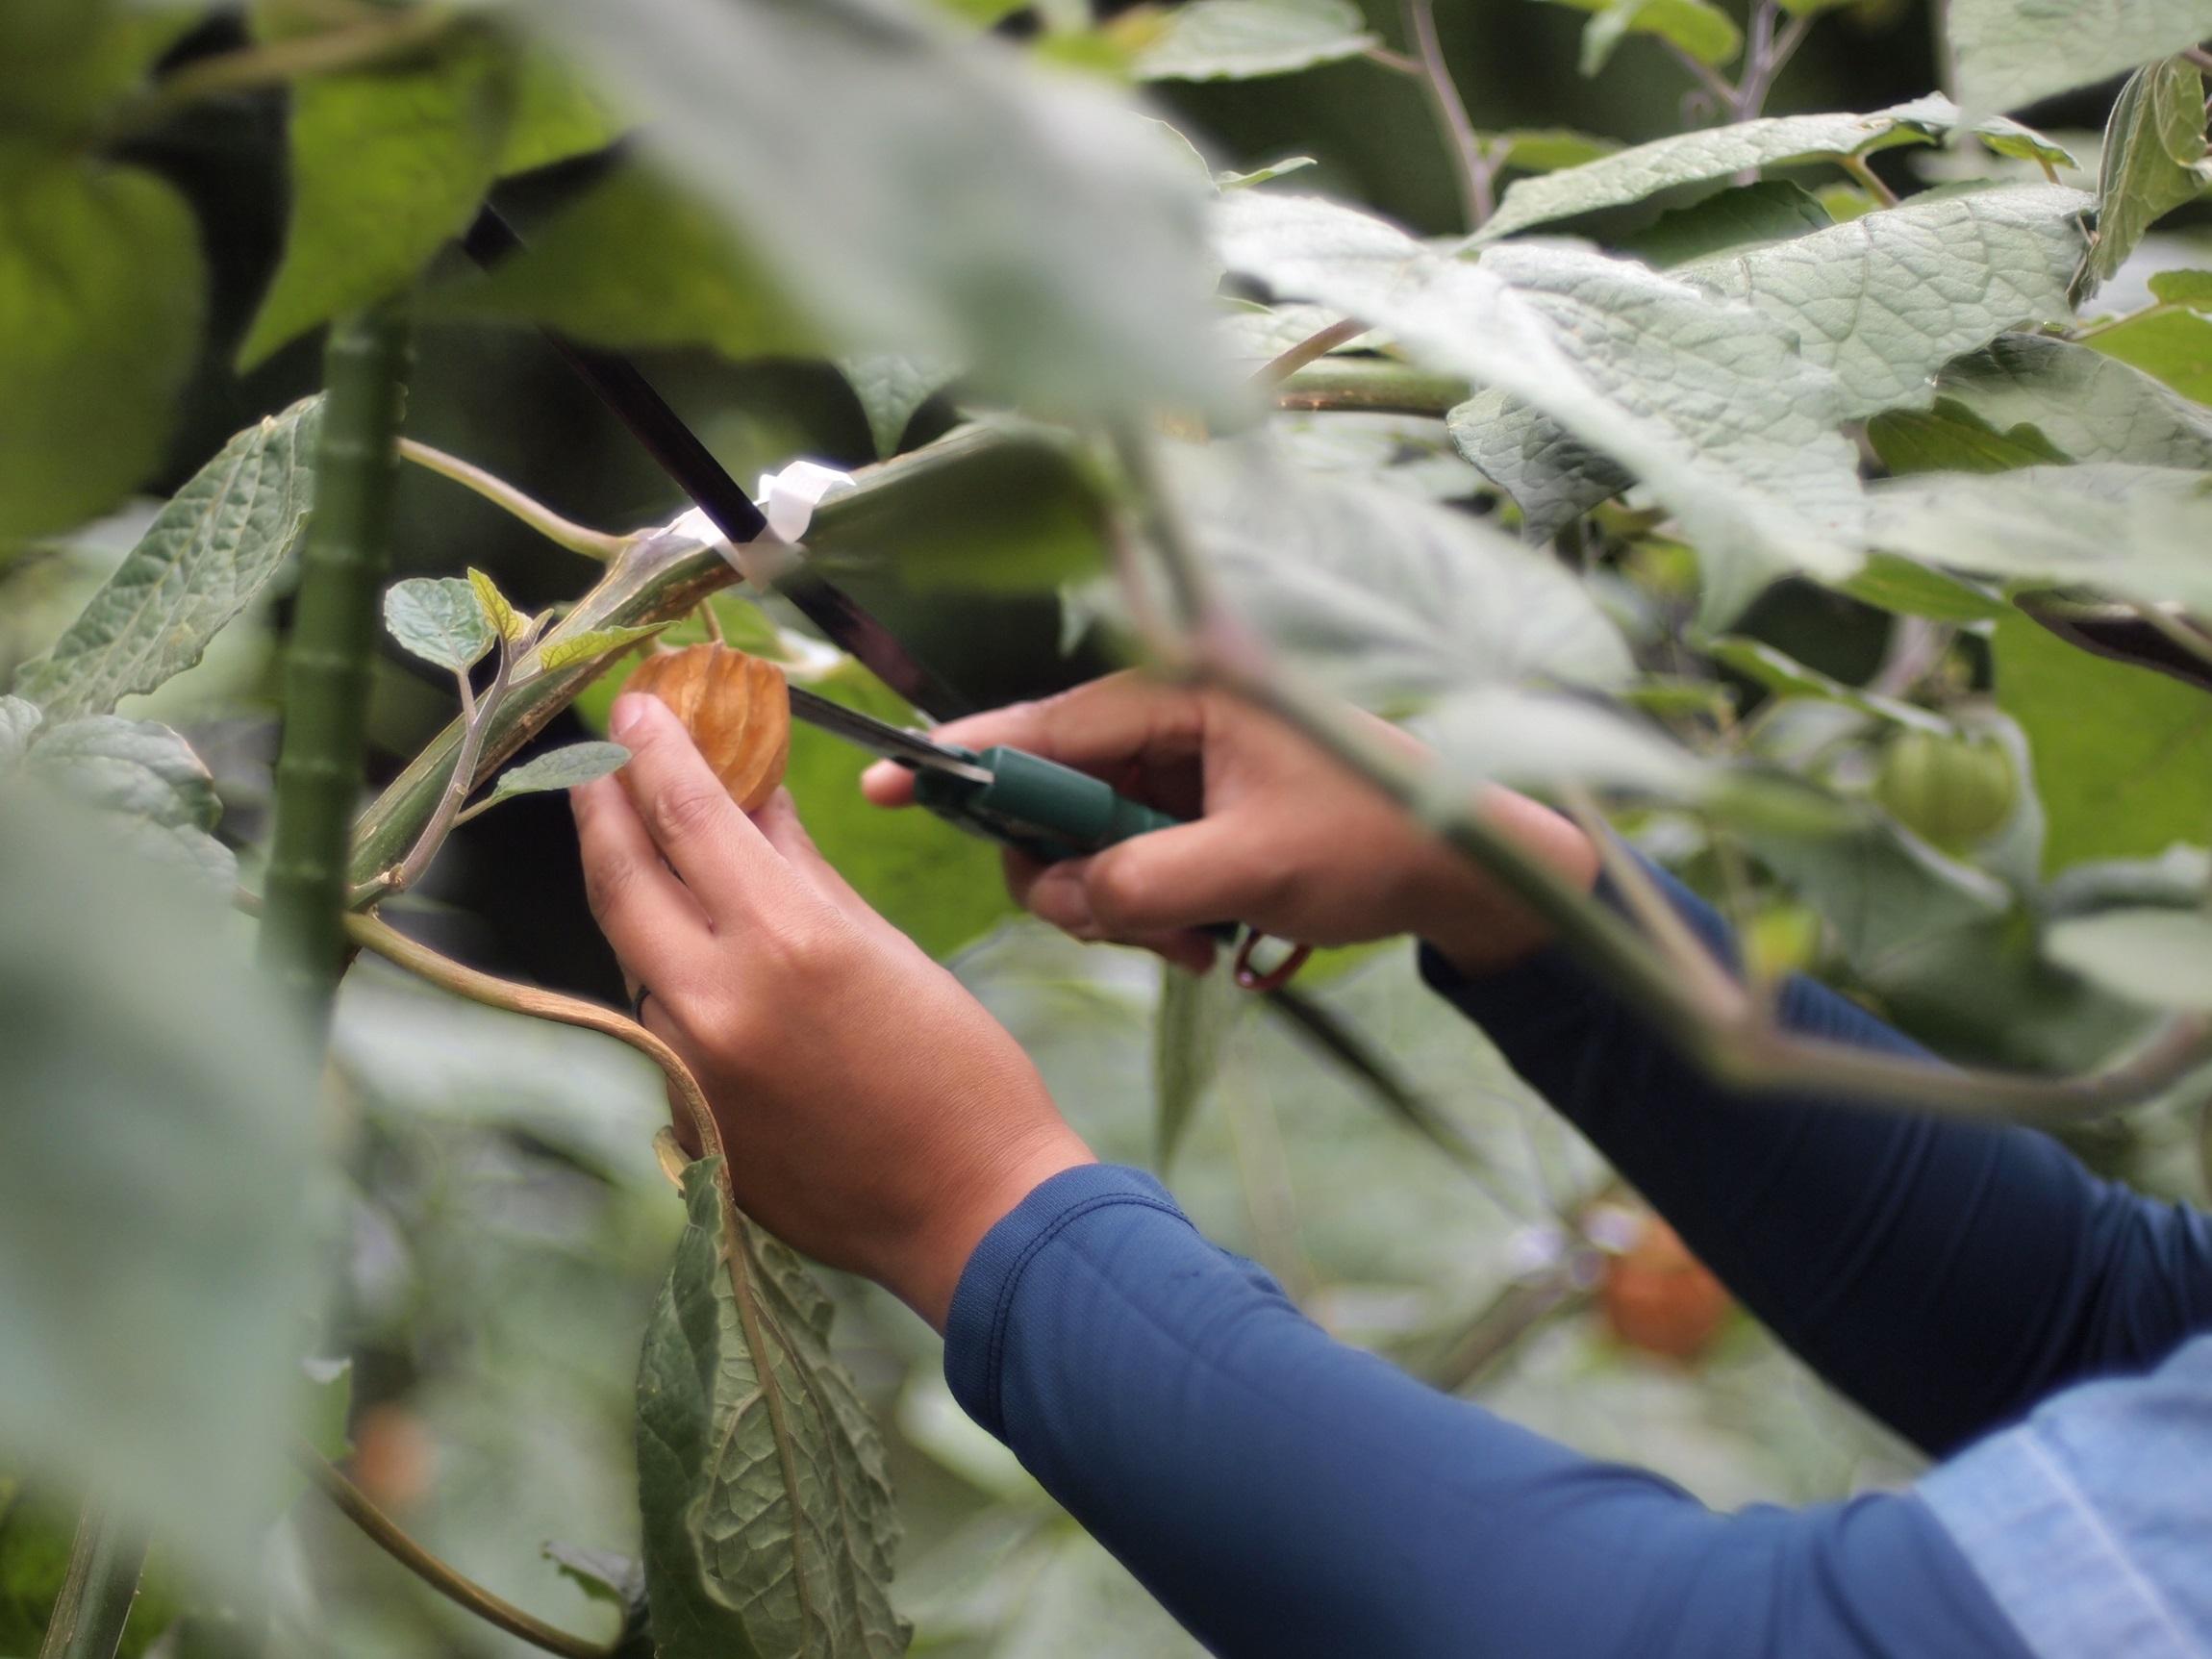 【高萩ほおずき収穫開始】2019年度高萩ほおずきの収穫、販売を開始しました